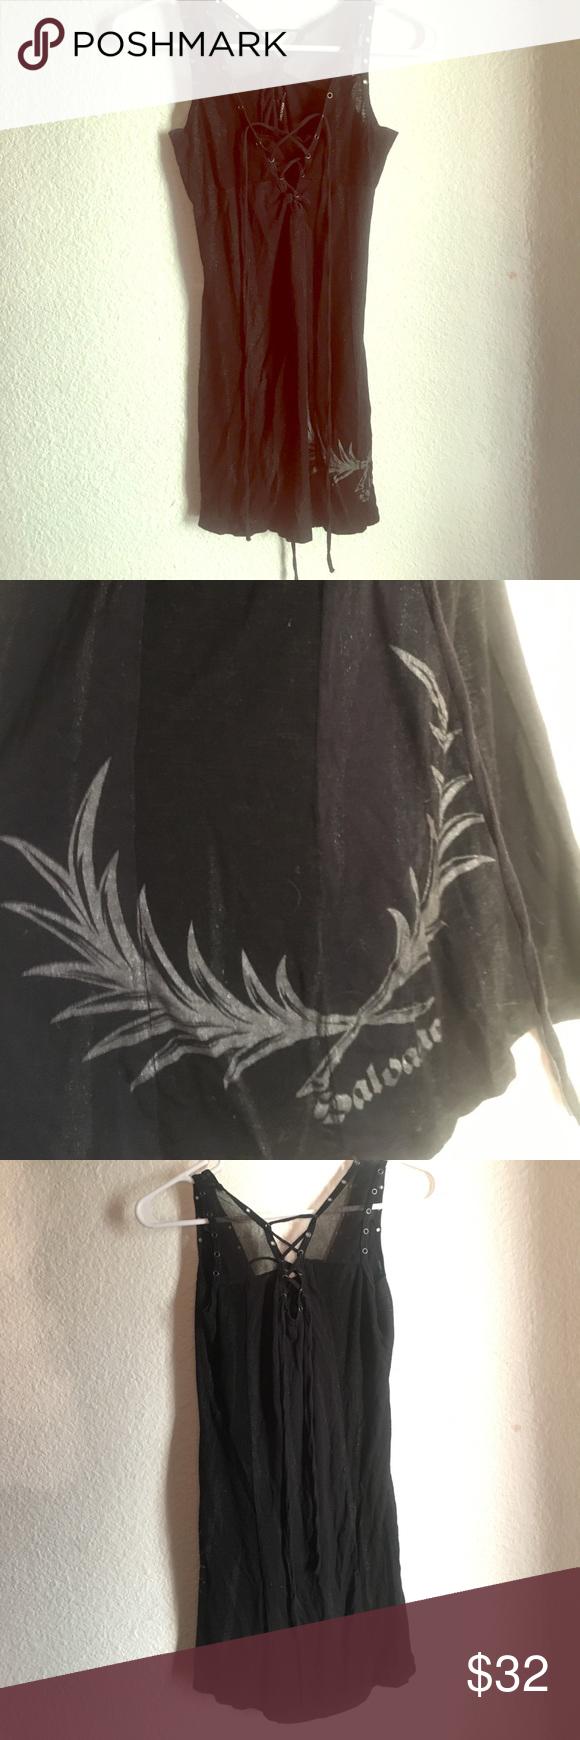 V front black dress graphic